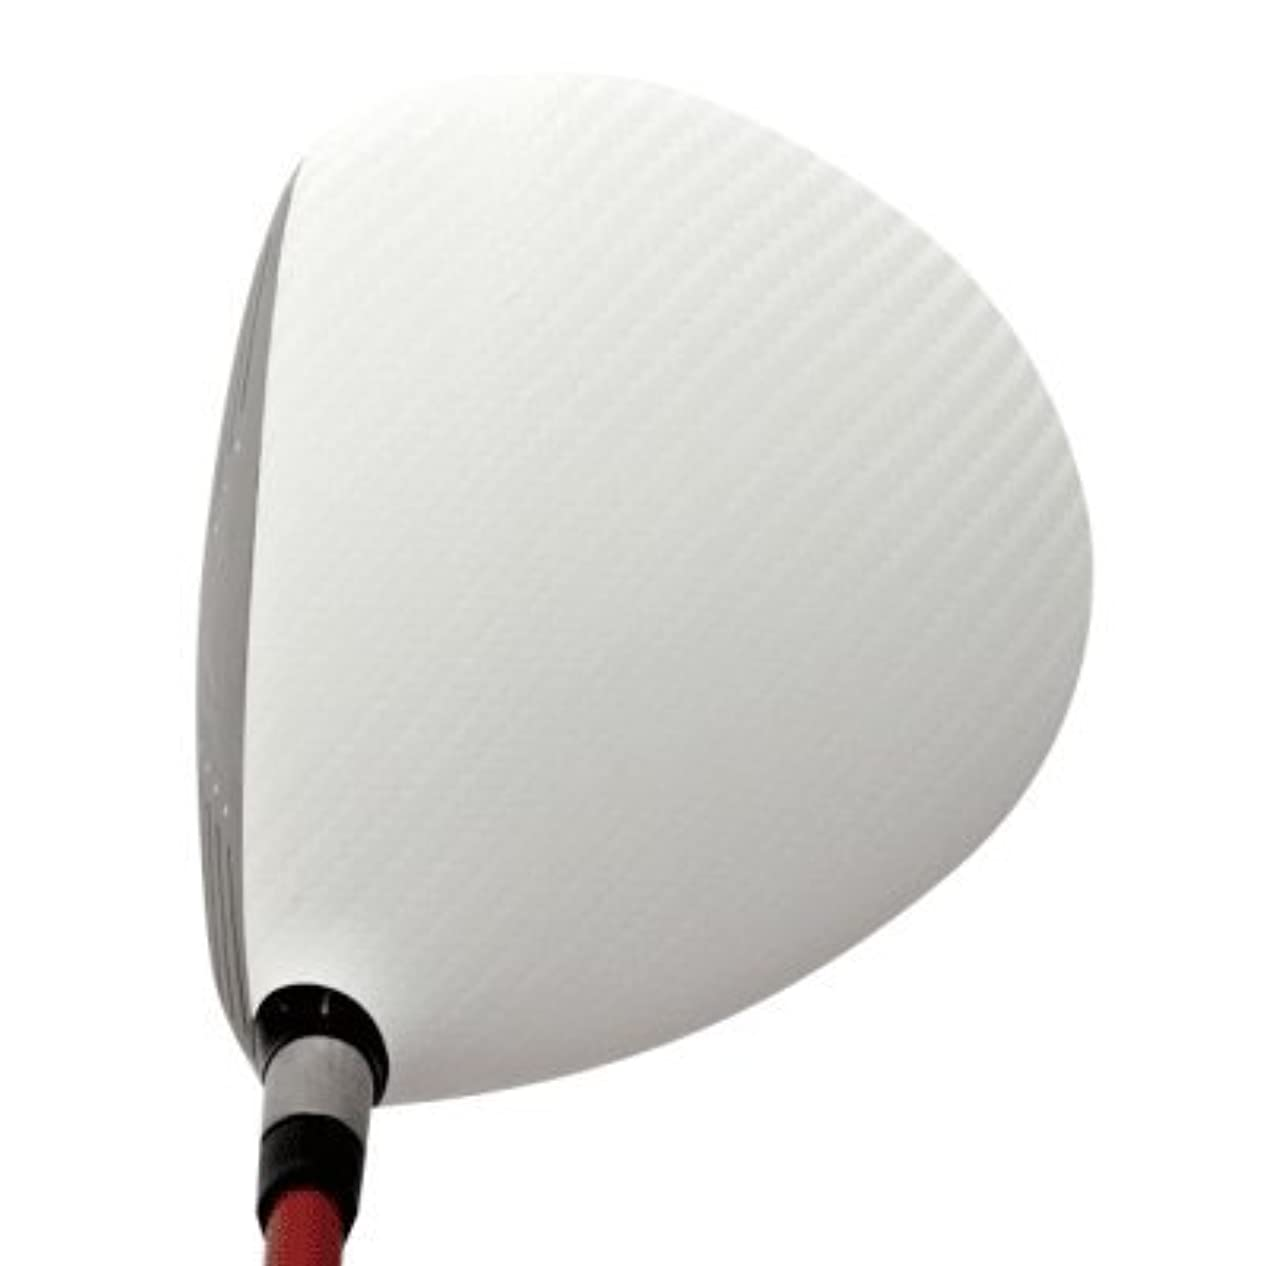 ログ概要宅配便GOLFSKIN ゴルフスキン フルスキンF95 ゴルフクラブ専用グラフィックシート